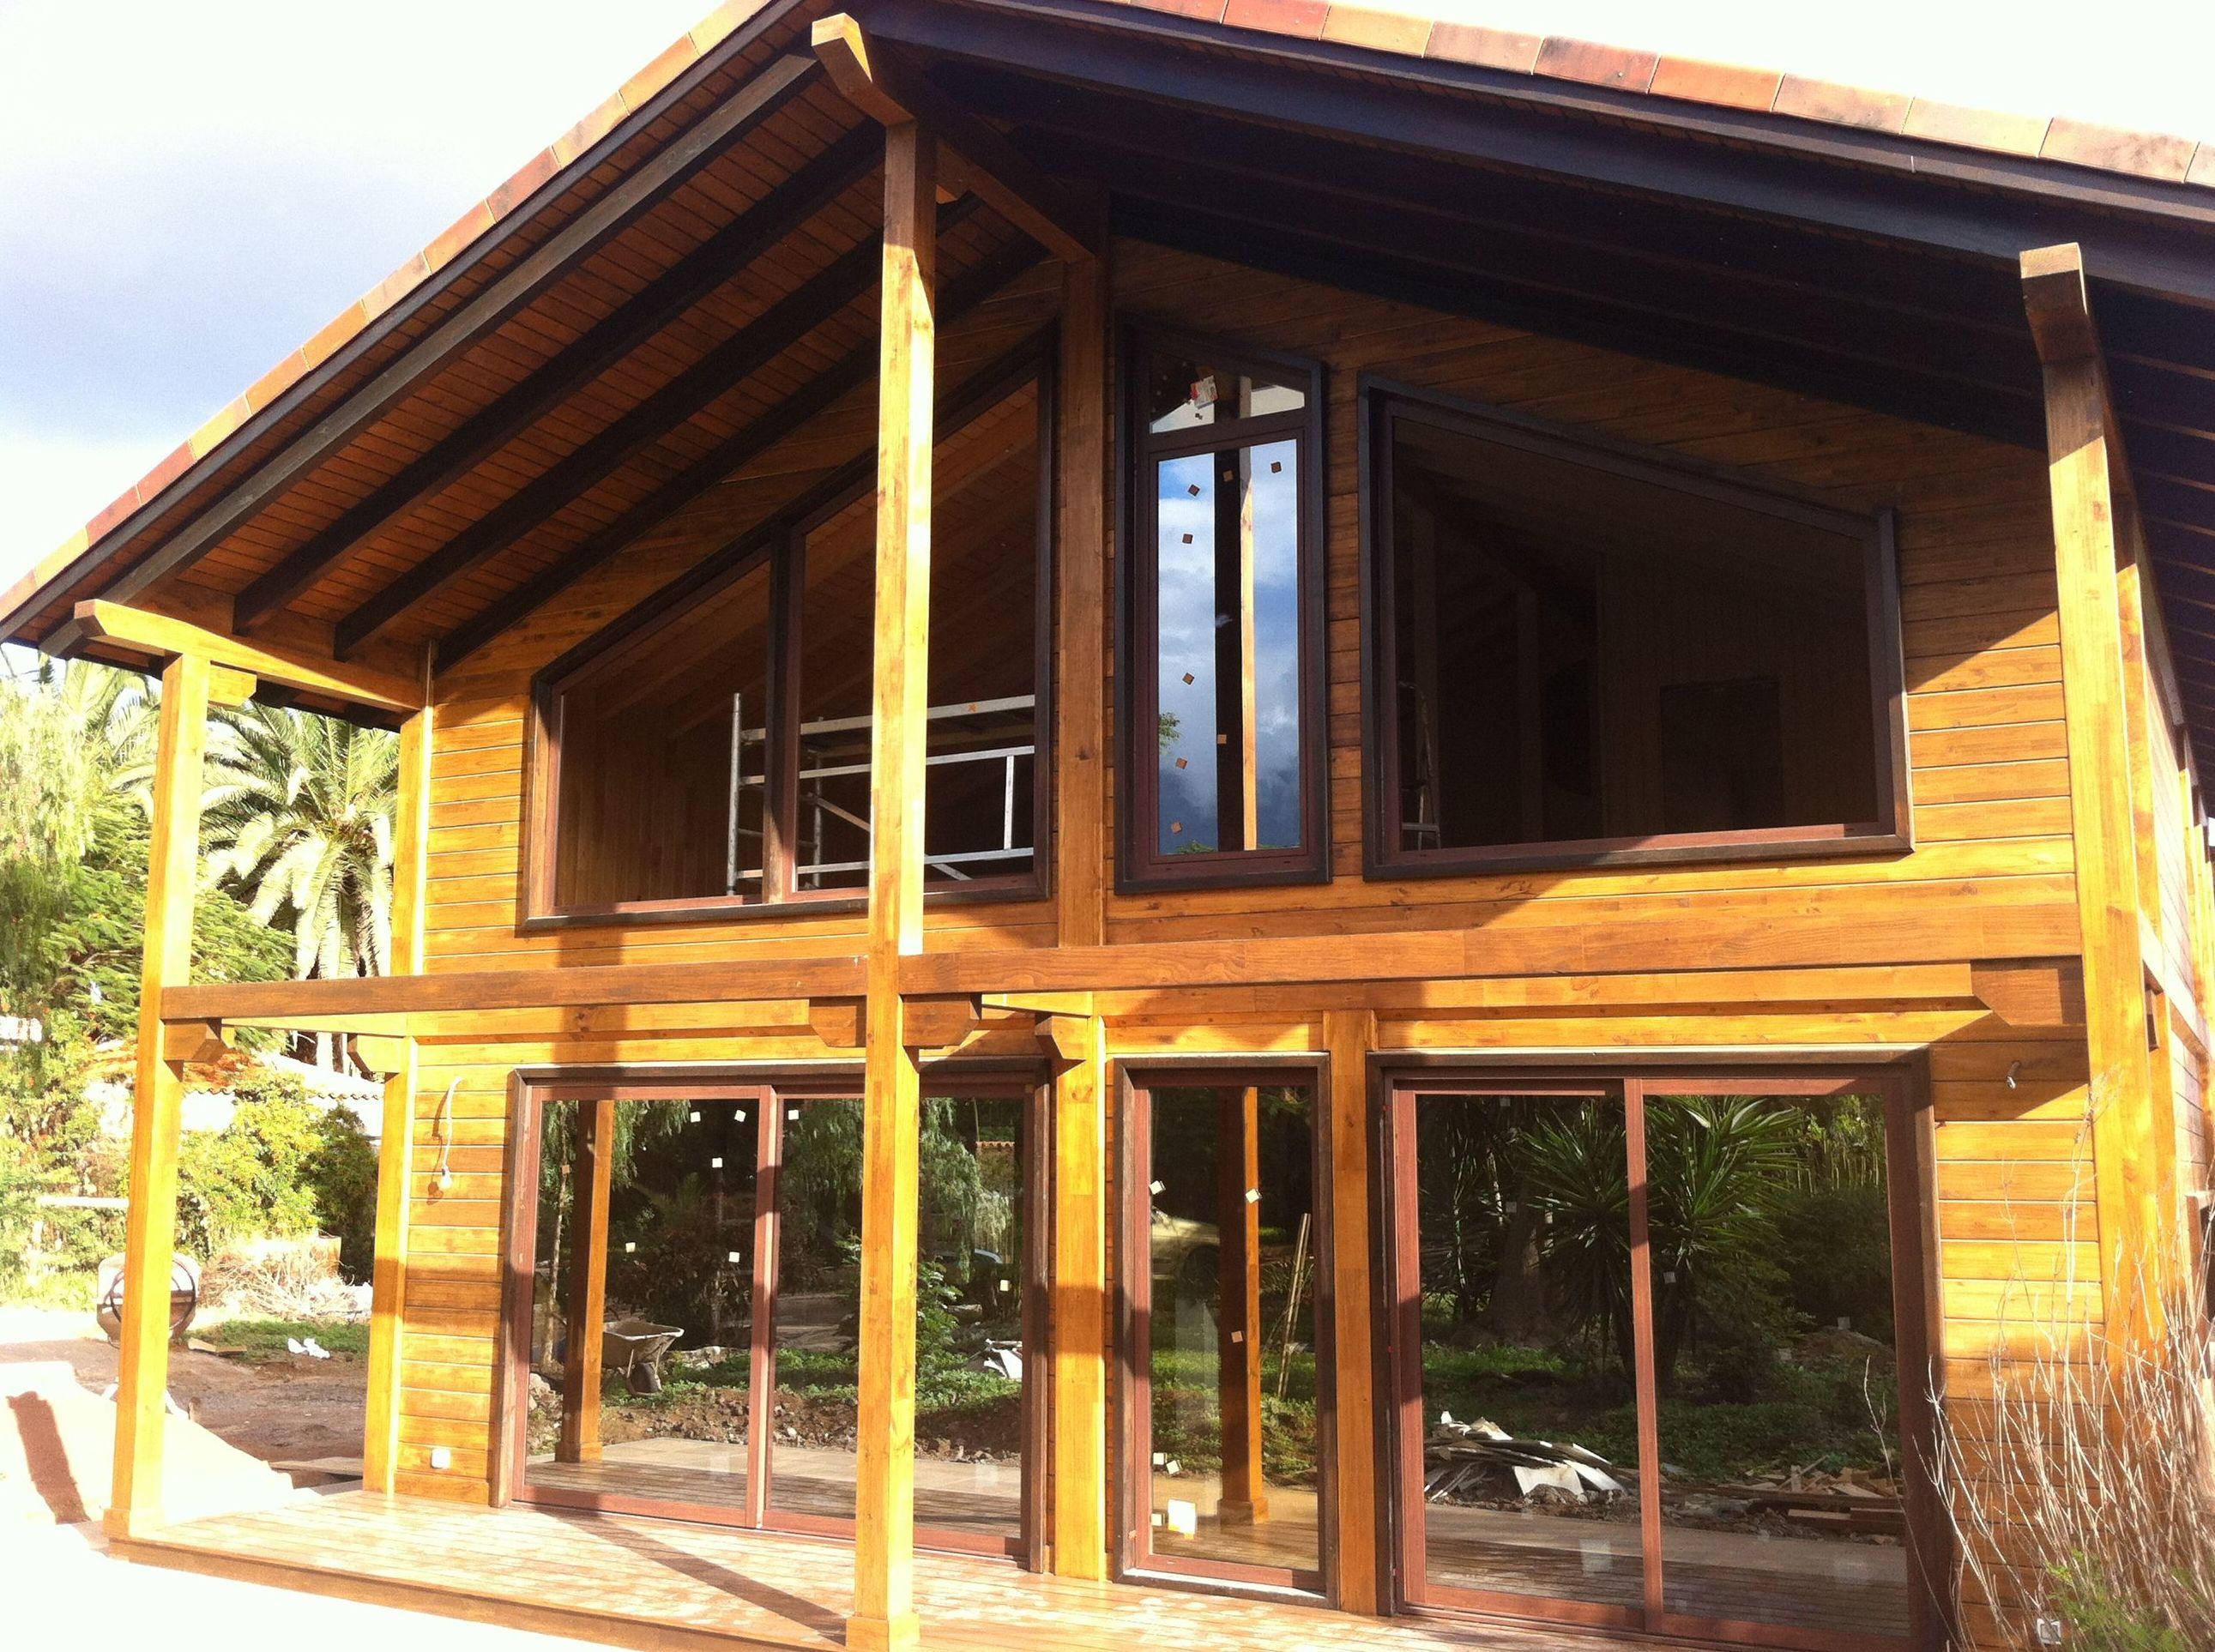 Foto 8 de casas de madera en tacoronte cortelima - Casas de madera tenerife precios ...